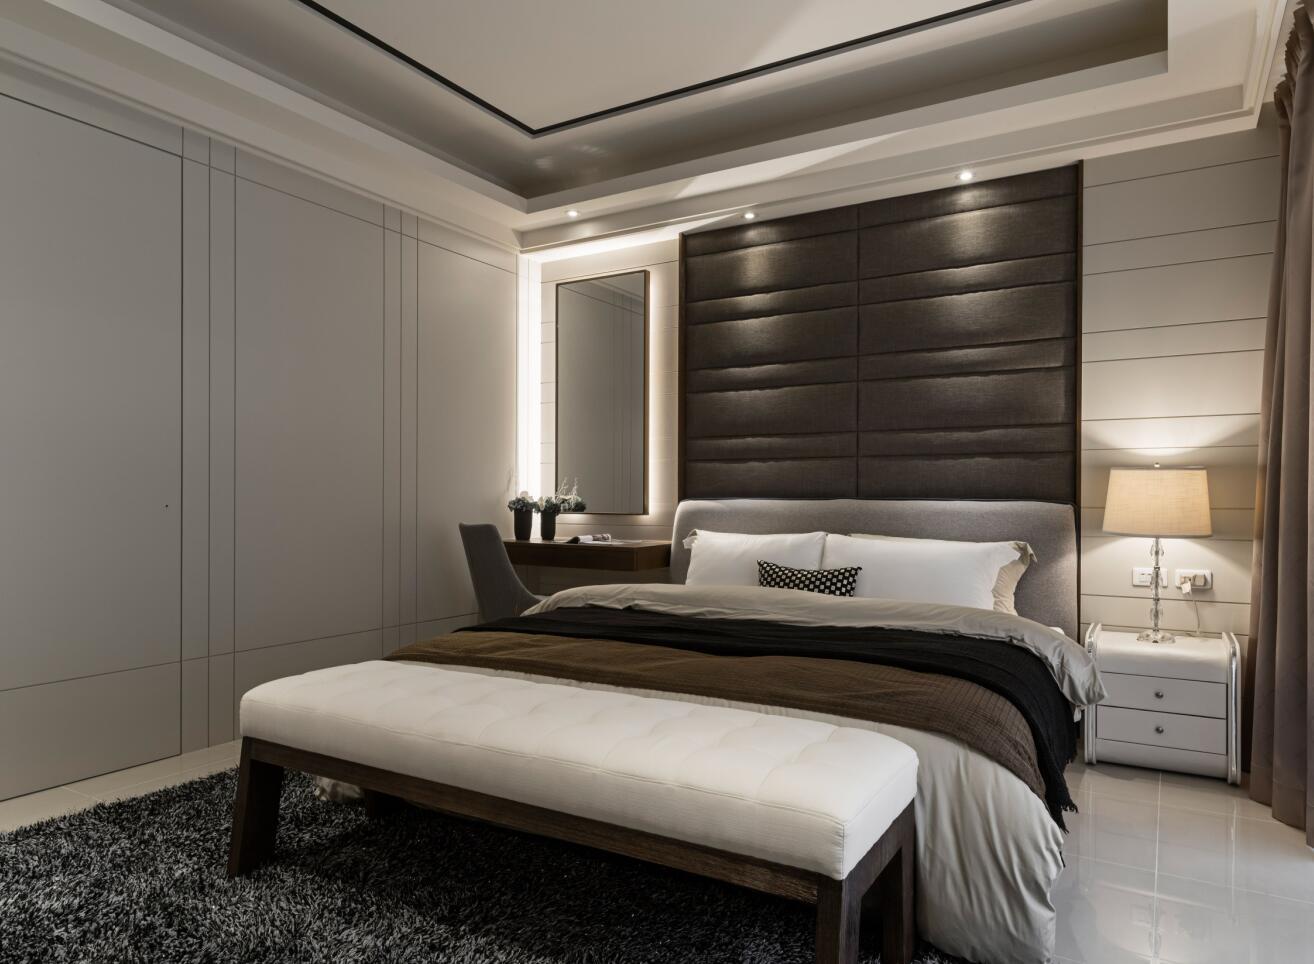 万科第五园 装修设计 现代风格 腾龙设计 卧室图片来自腾龙设计在万科第五园别墅装修现代风格设计的分享